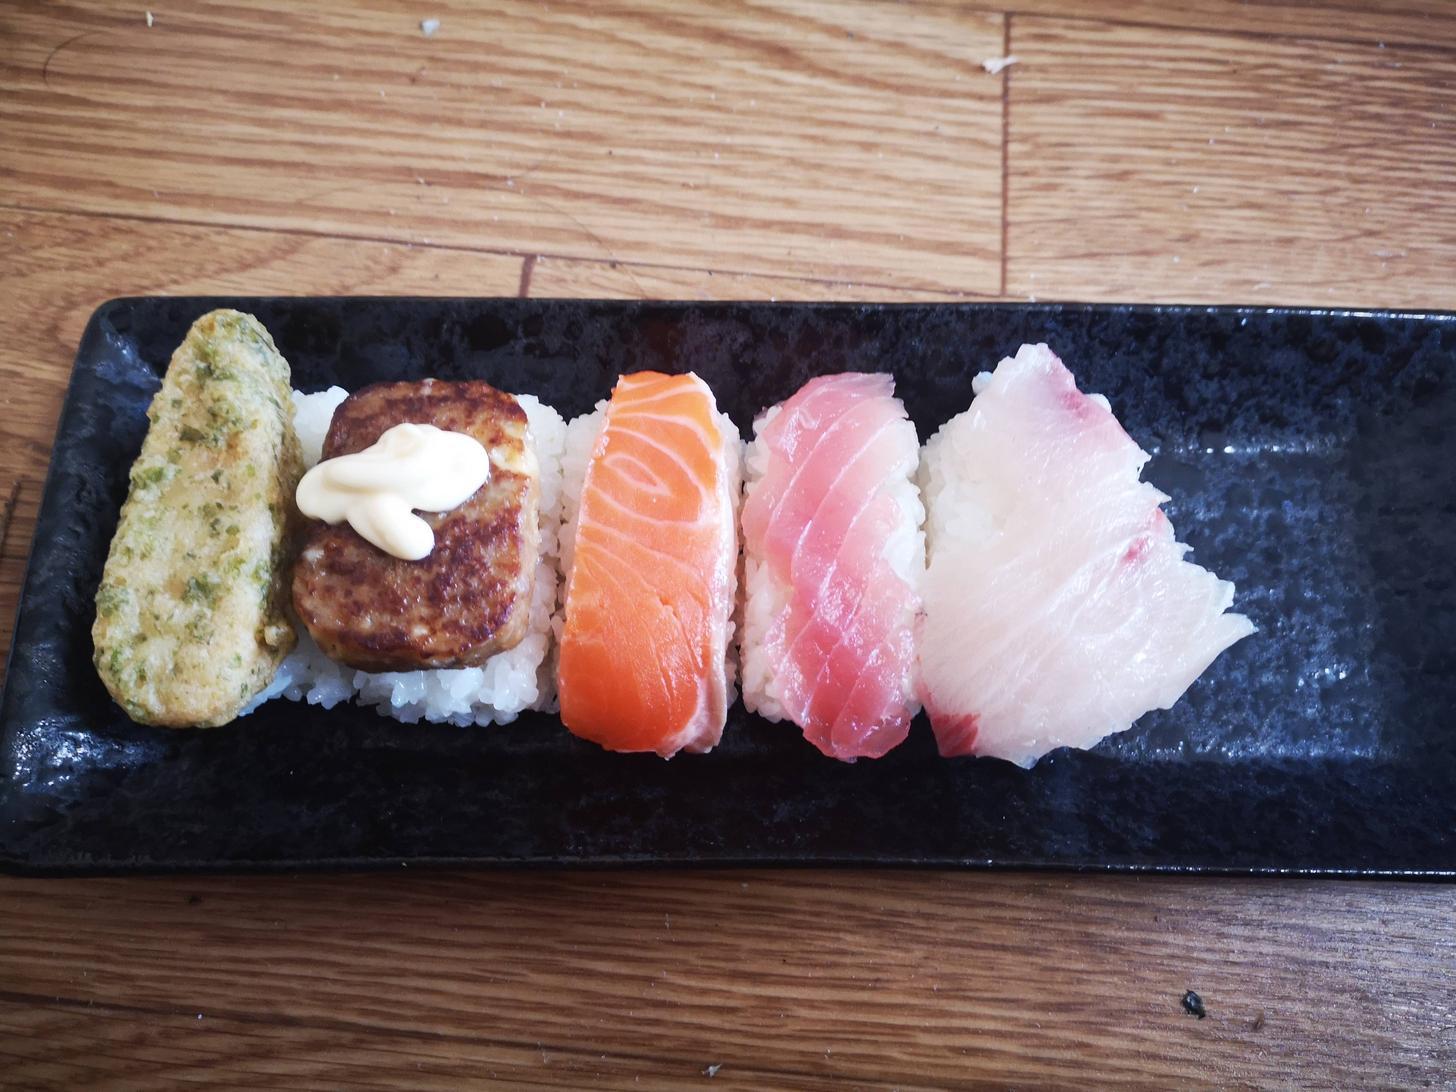 寿司自作したら安上がりでワロタ